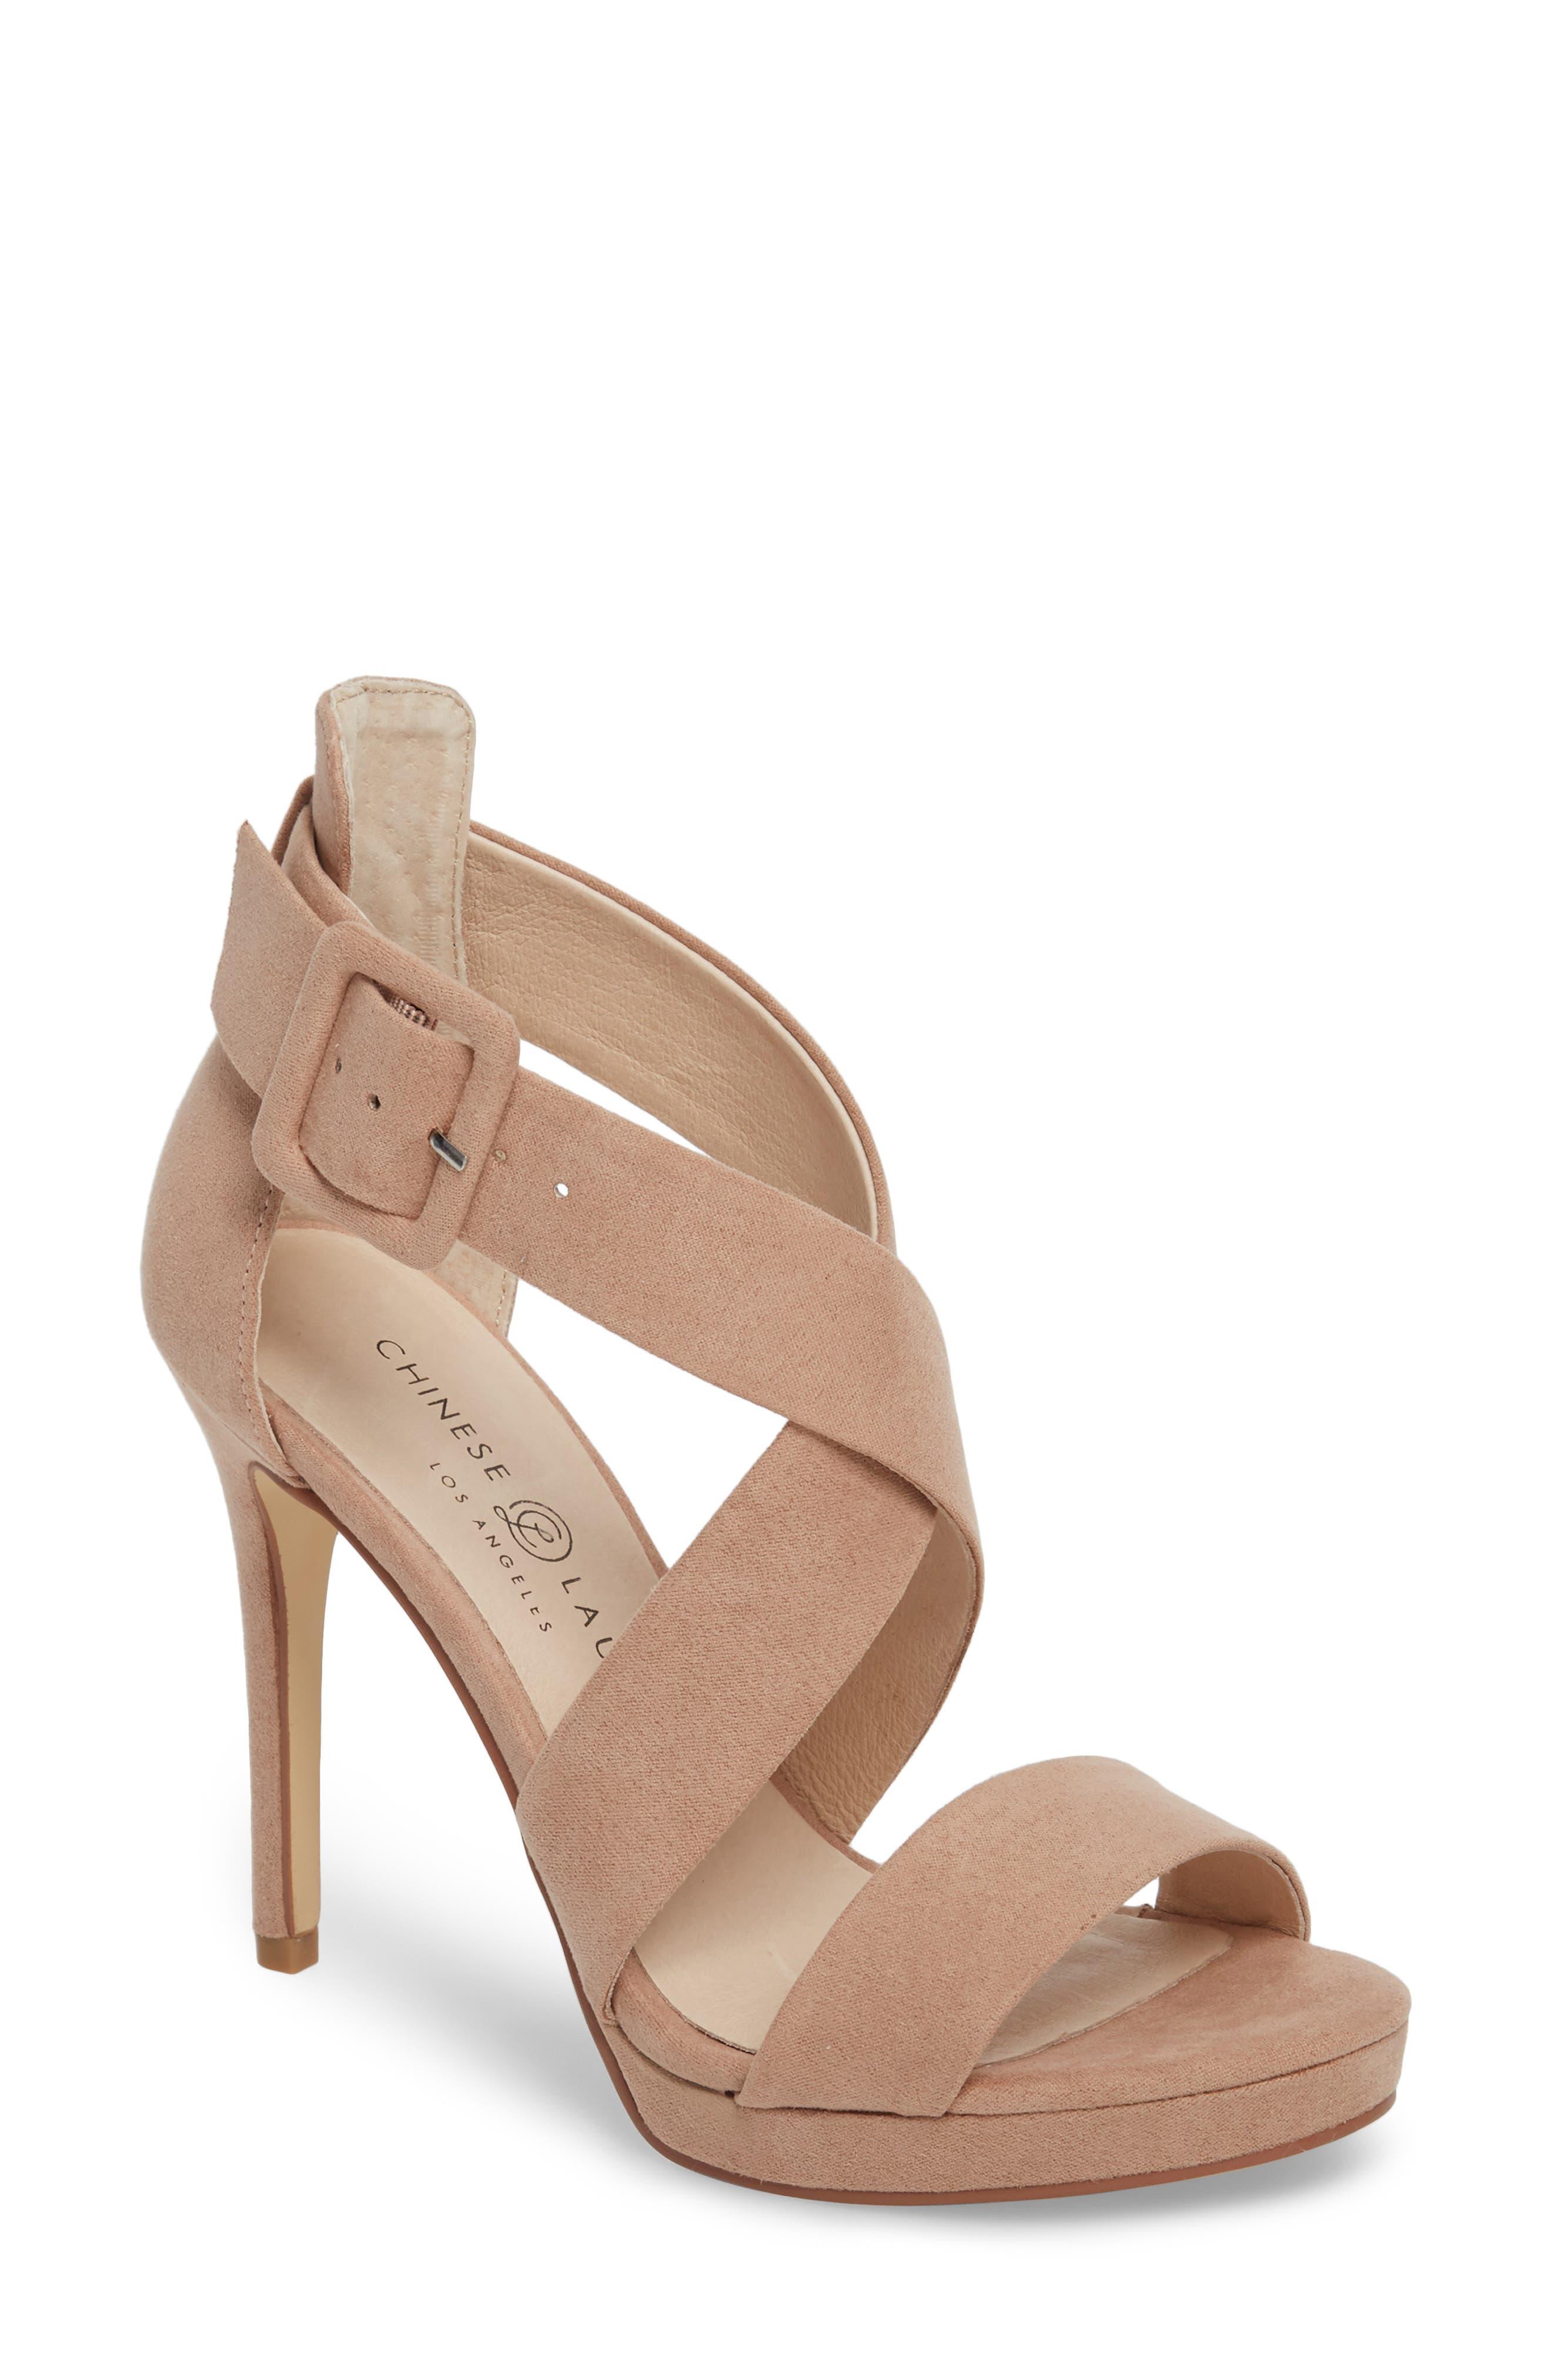 Foxie Cross Strap Sandal,                         Main,                         color, DARK CAMEL